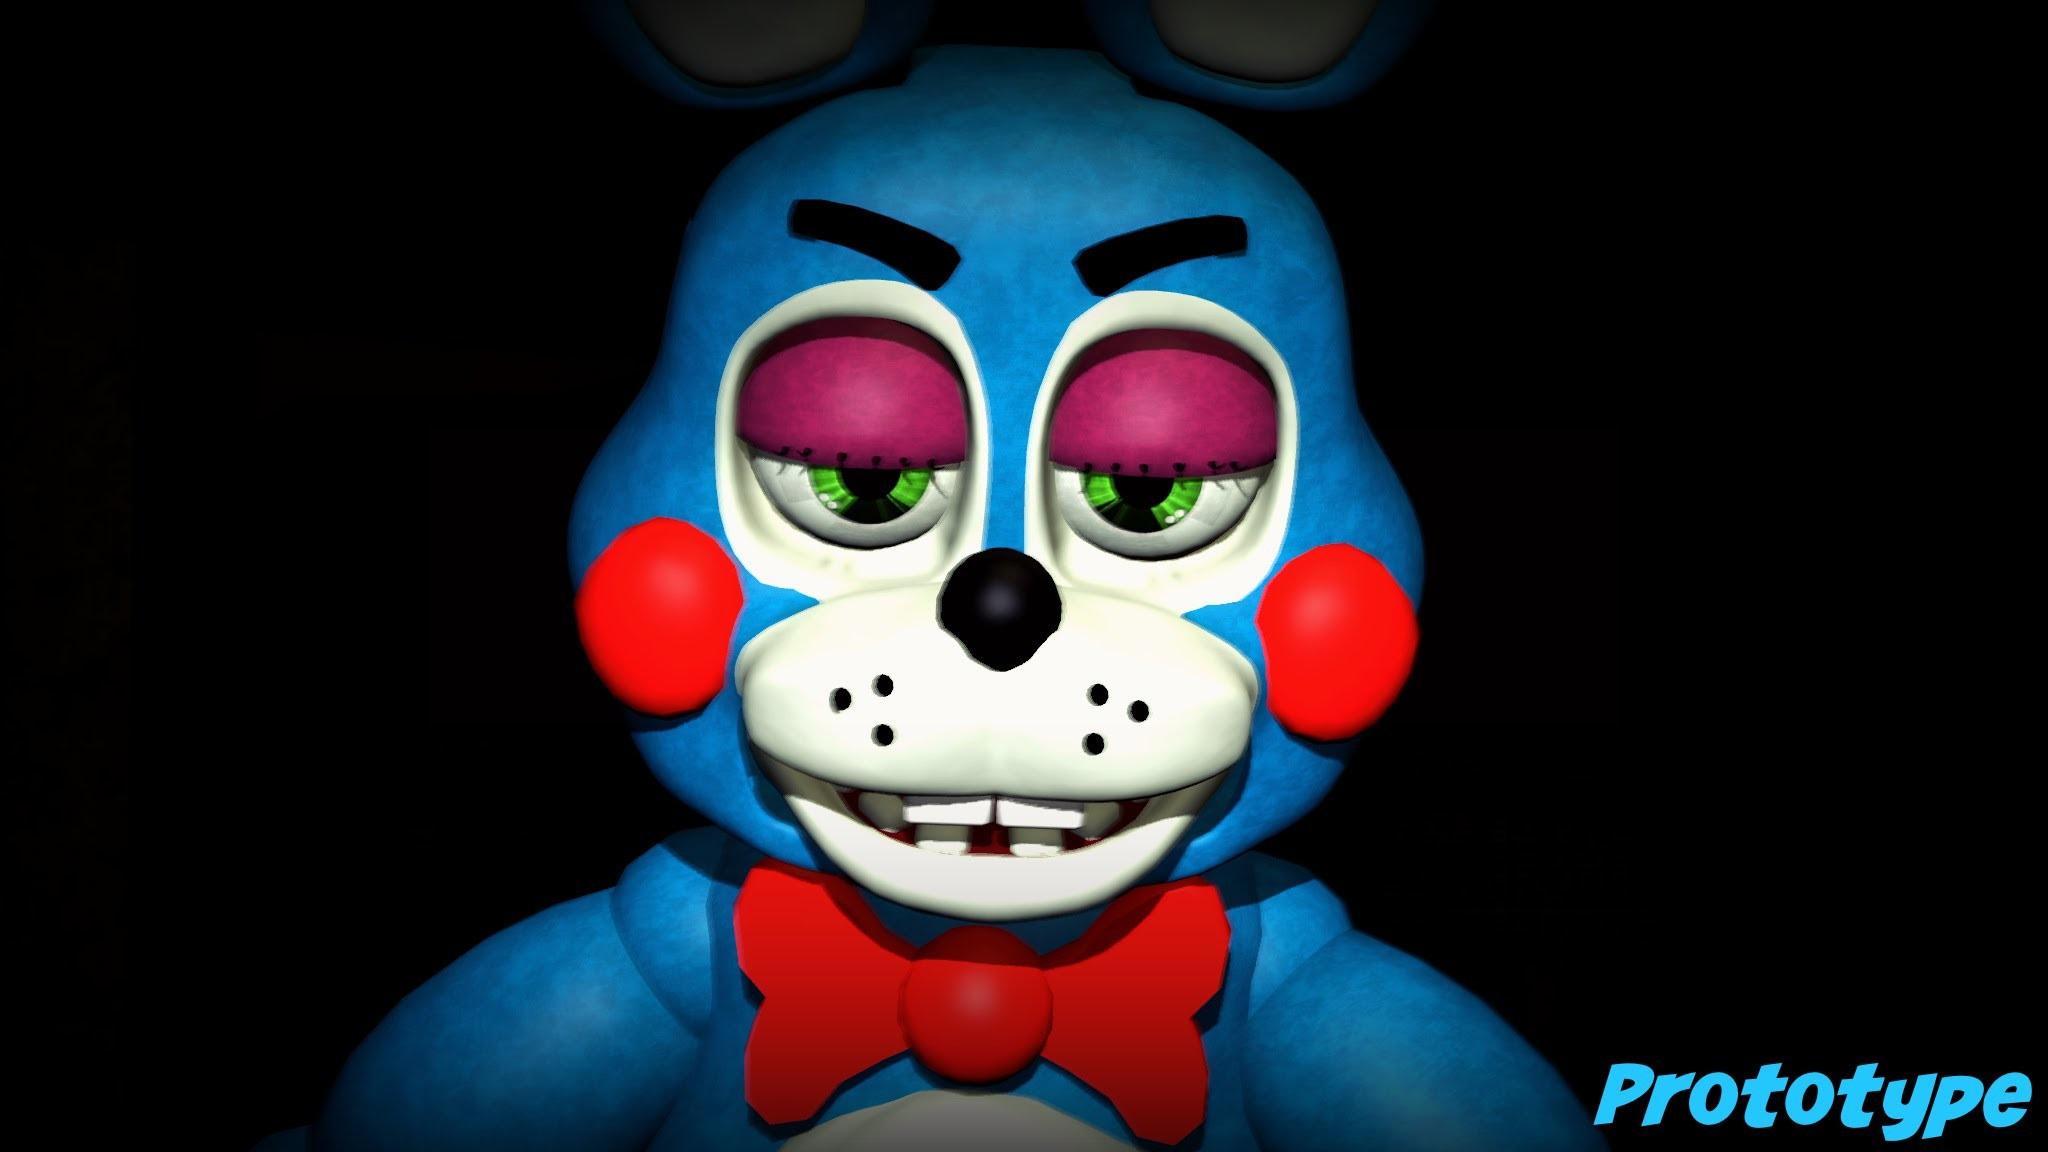 Fnaf Toy Bonnie Wallpaper 90 Images